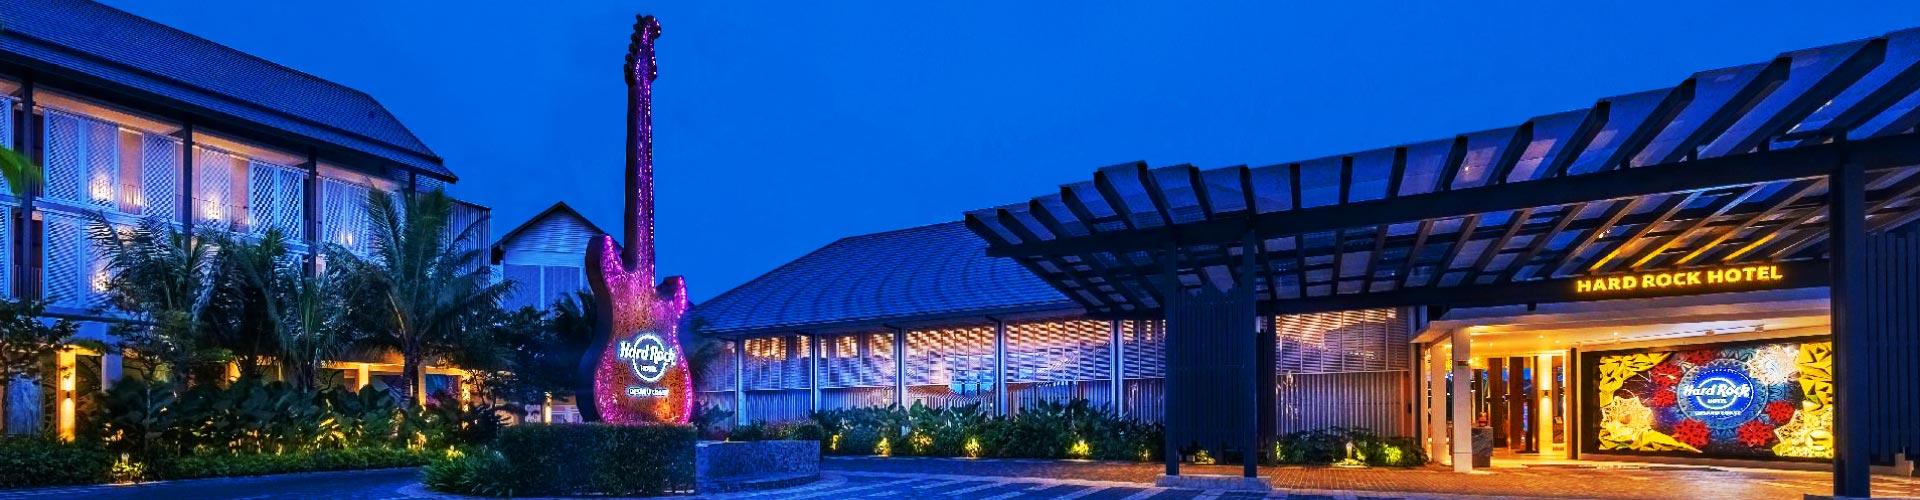 Hard Rock Hotel Desaru Coast + Sky Mirror & Fruit Farm Tour